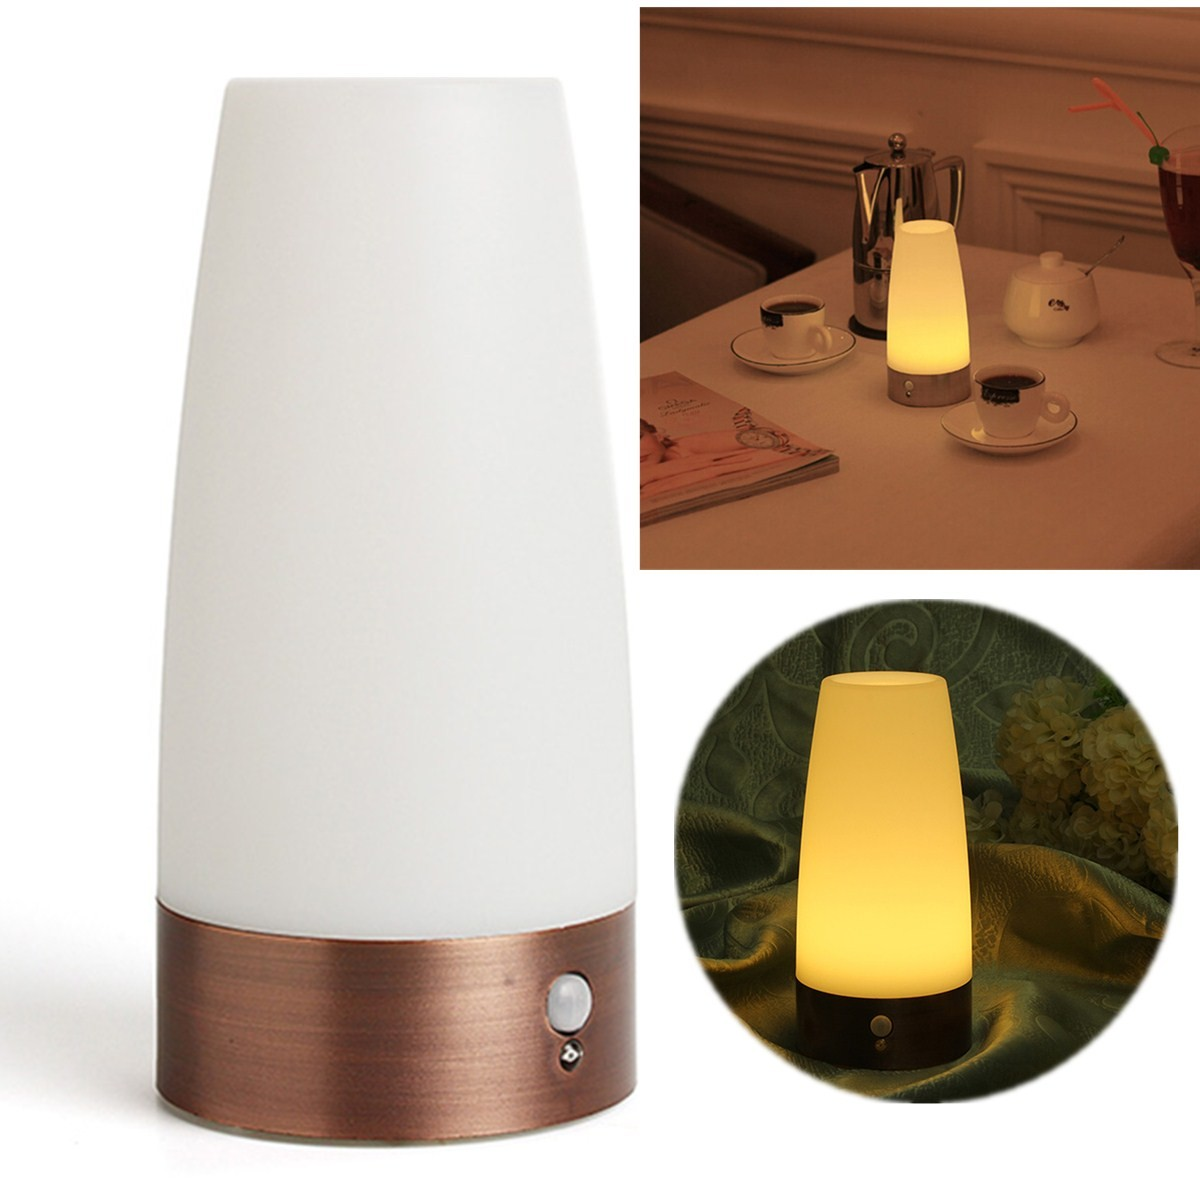 Lampe De Chevet Sans Fil : lampe chevet sans fil hoze home ~ Teatrodelosmanantiales.com Idées de Décoration